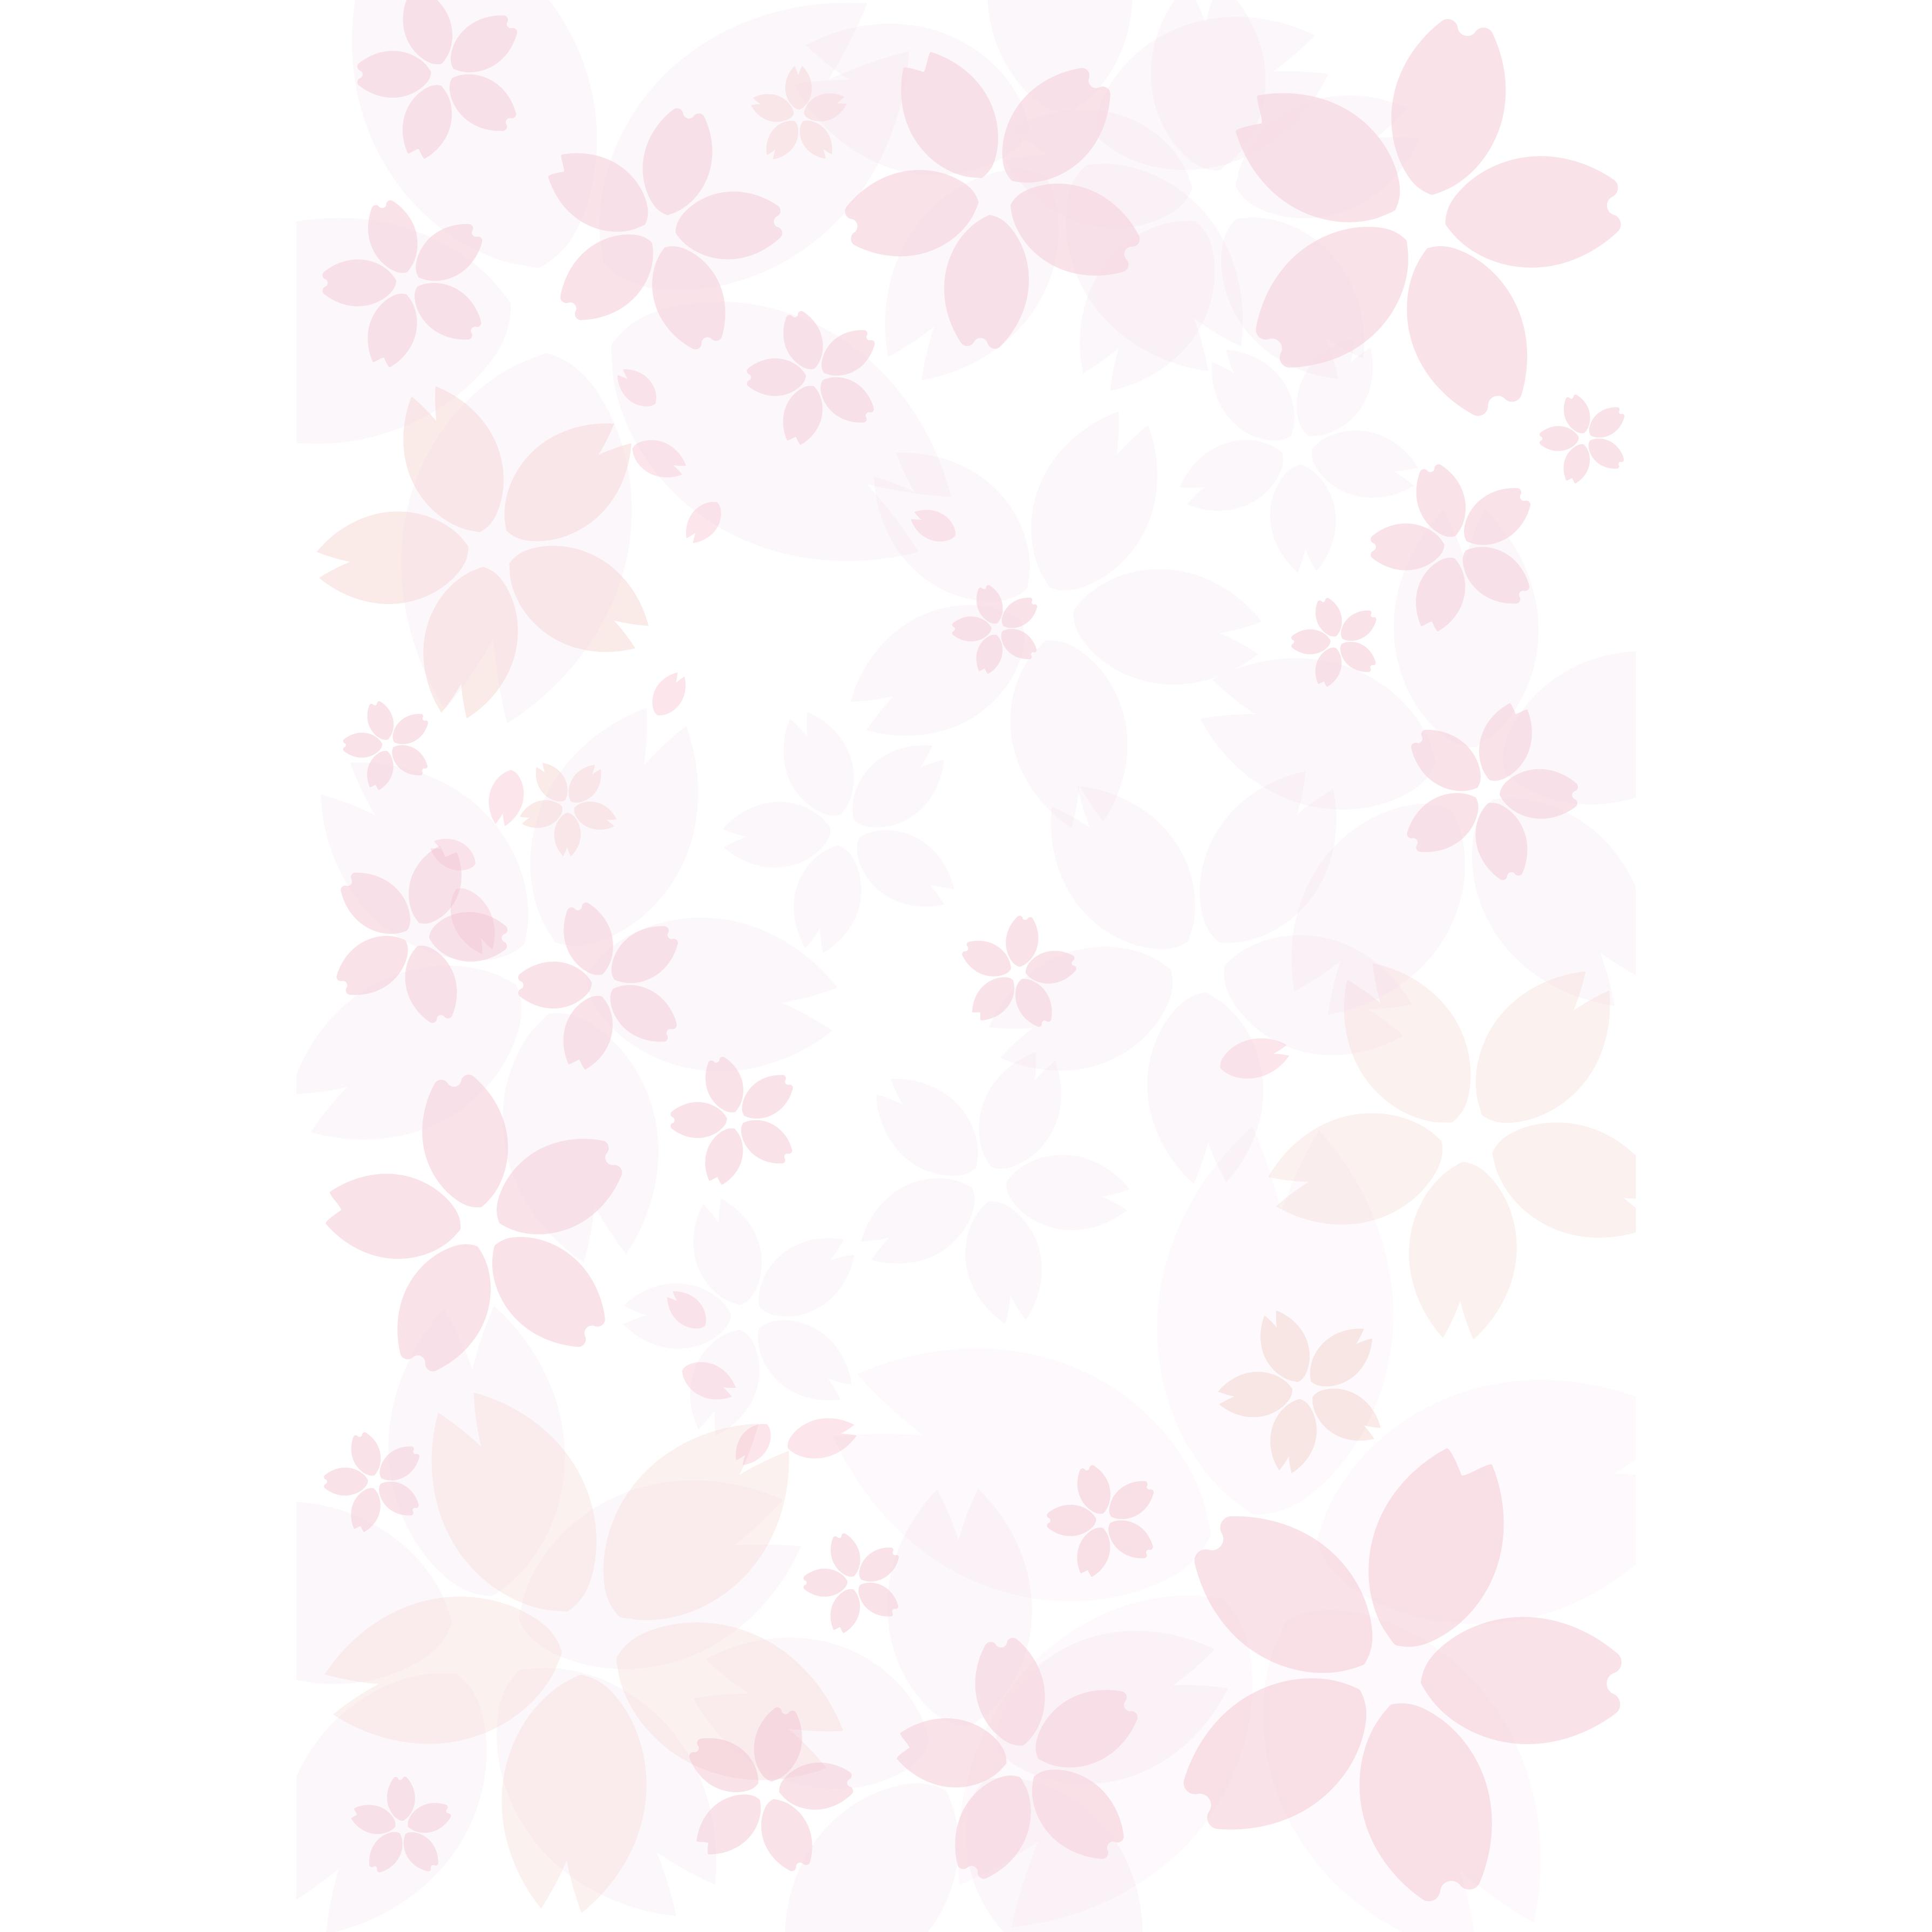 春を感じる!桜(サクラ)の背景 イラスト | 商用フリー(無料)のイラスト